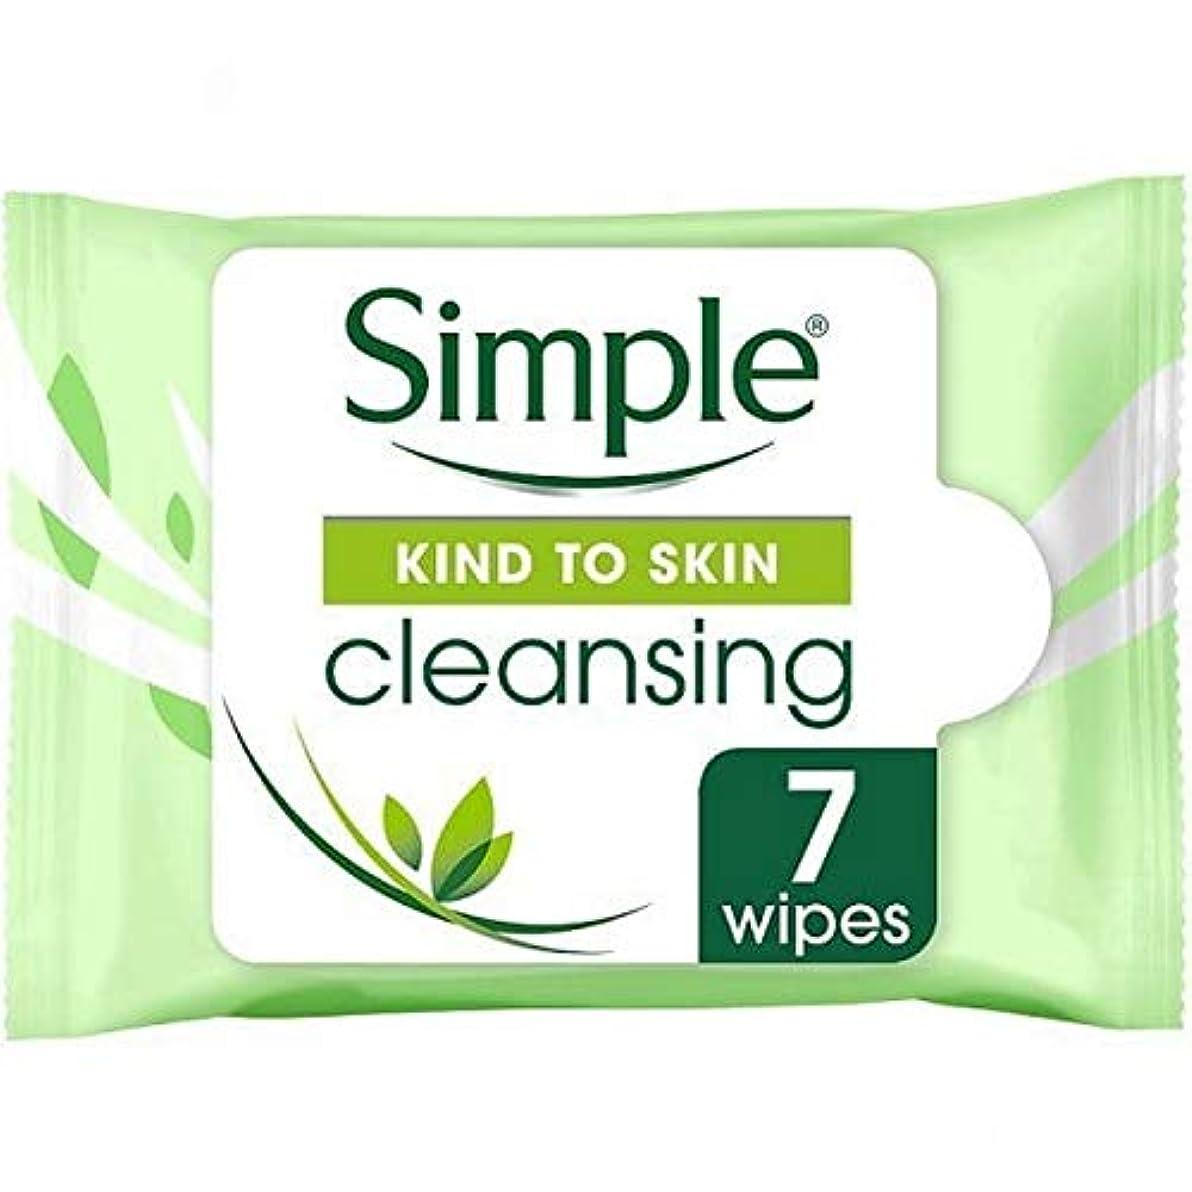 宴会拘束するの配列[Simple ] 顔のワイプの7Sクレンジング肌への単純な種類 - Simple Kind To Skin Cleansing Facial Wipes 7s [並行輸入品]